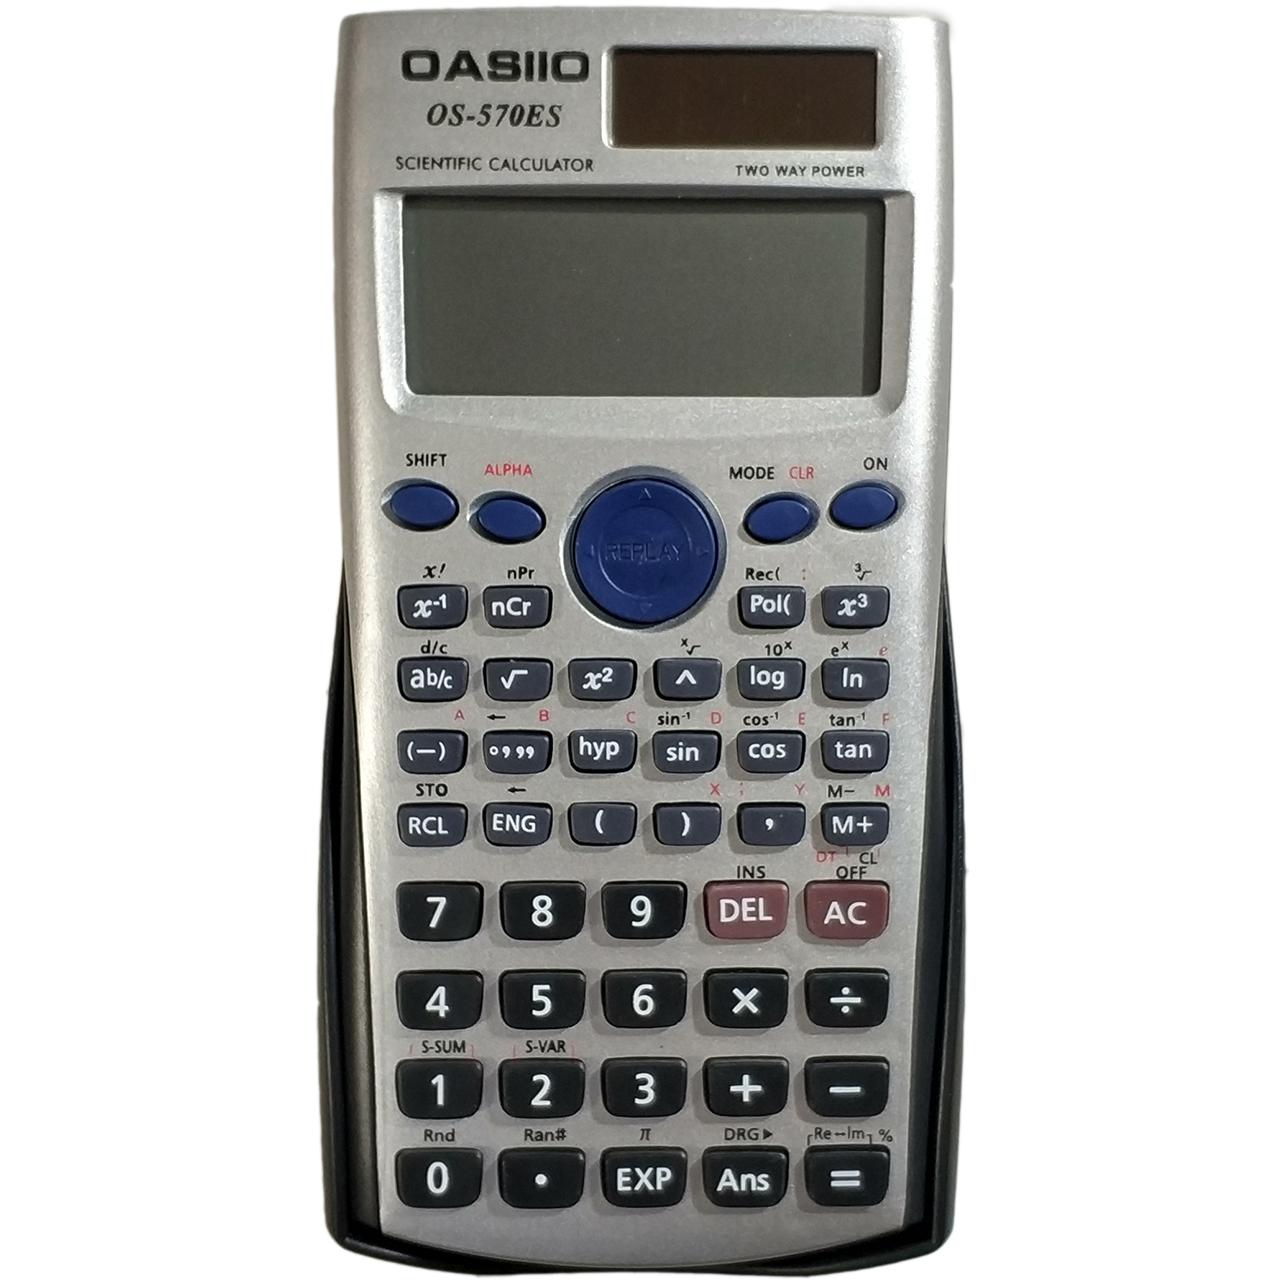 ماشین حساب مهندسی اوسیو مدل OS-570ES